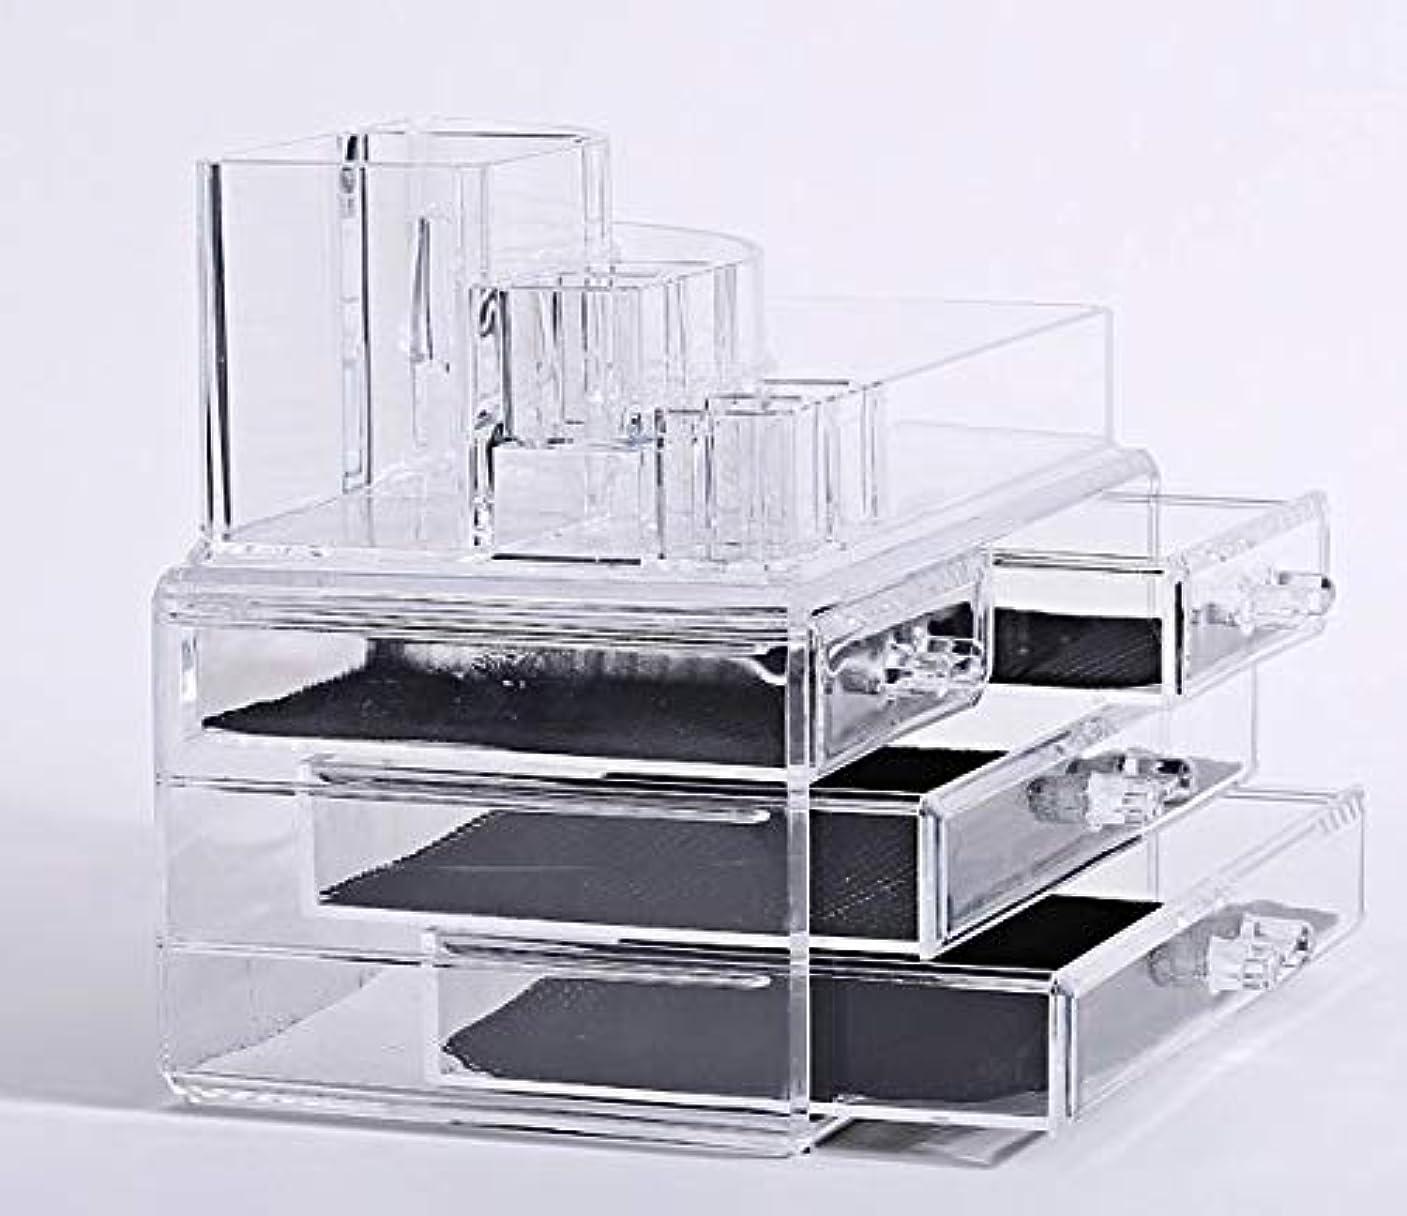 探偵ブランデー良心的化粧品収納ボックス メイクケース メイクボックス コスメボックス 騒音なし 防塵 高透明度 強い耐久性 整理簡単 引き出し小物